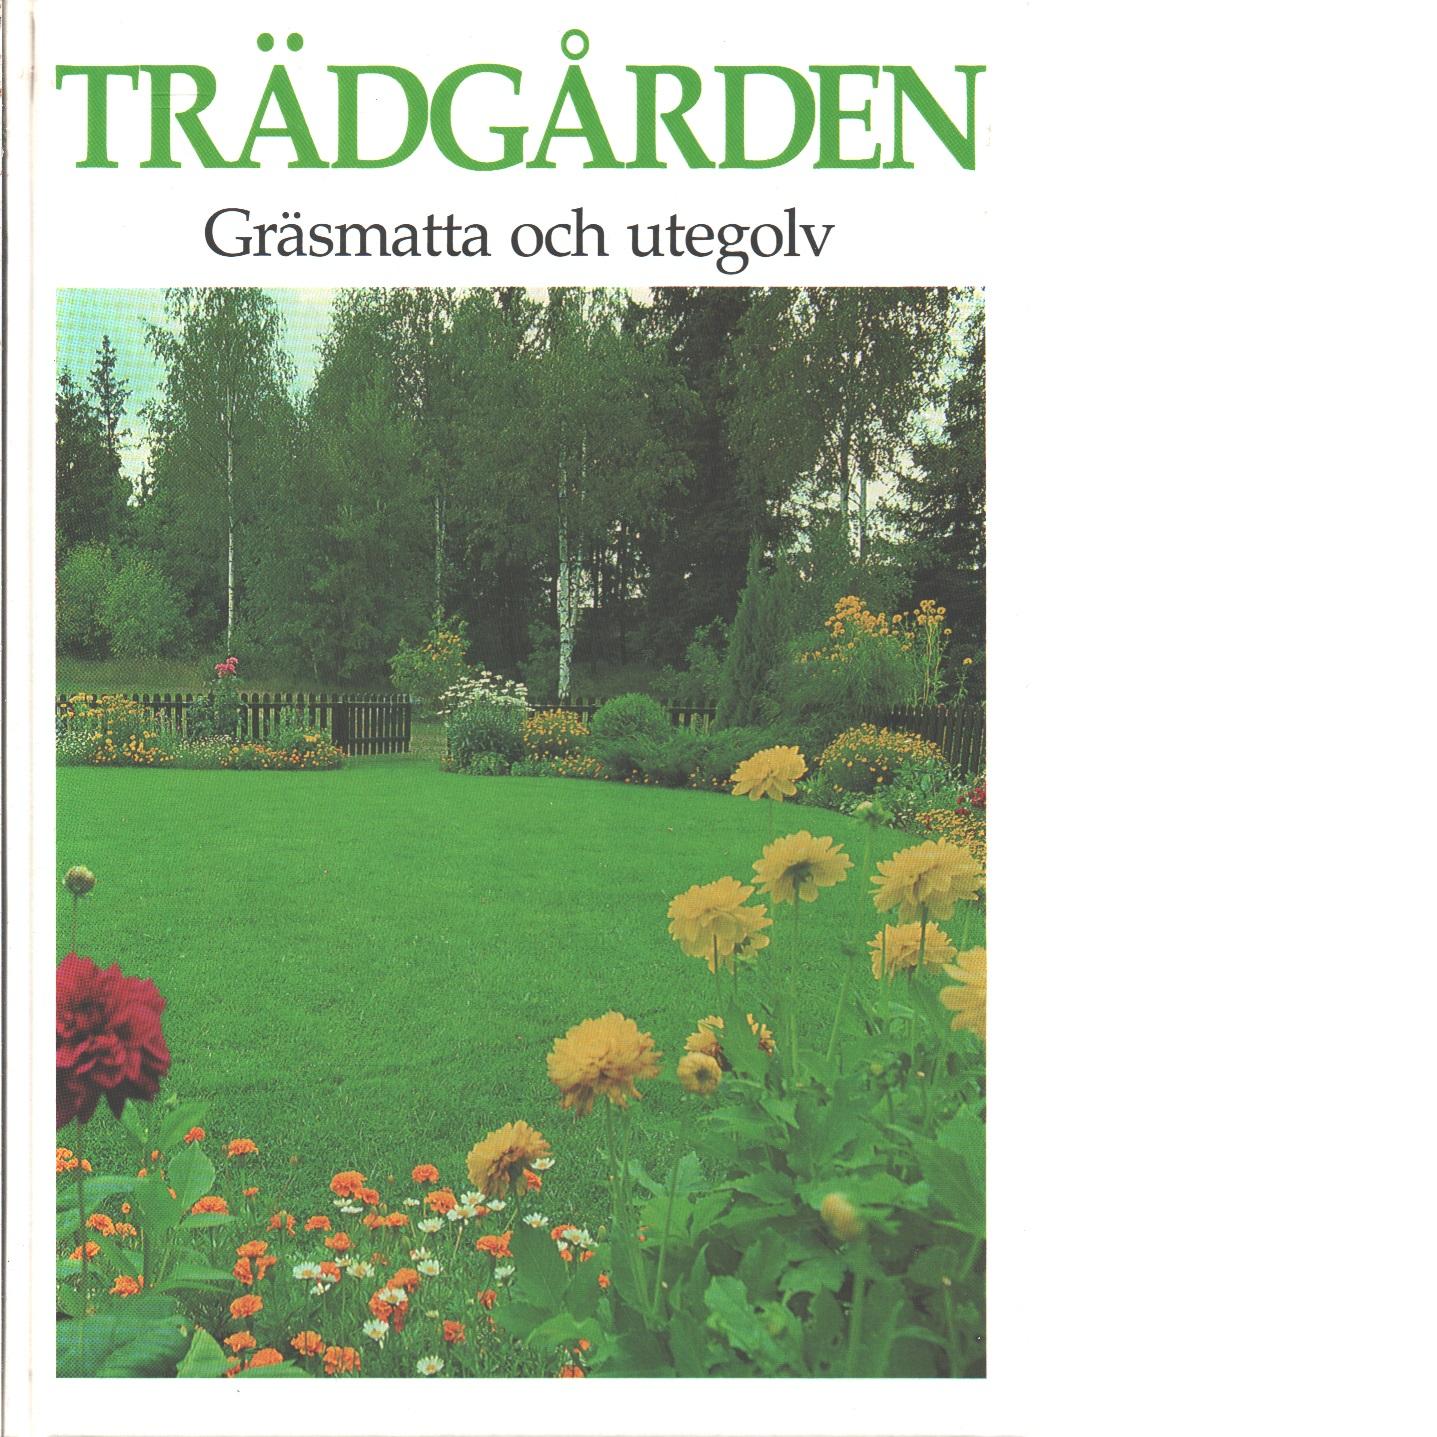 Trädgården. Gräsmatta och utegolv  - Red.